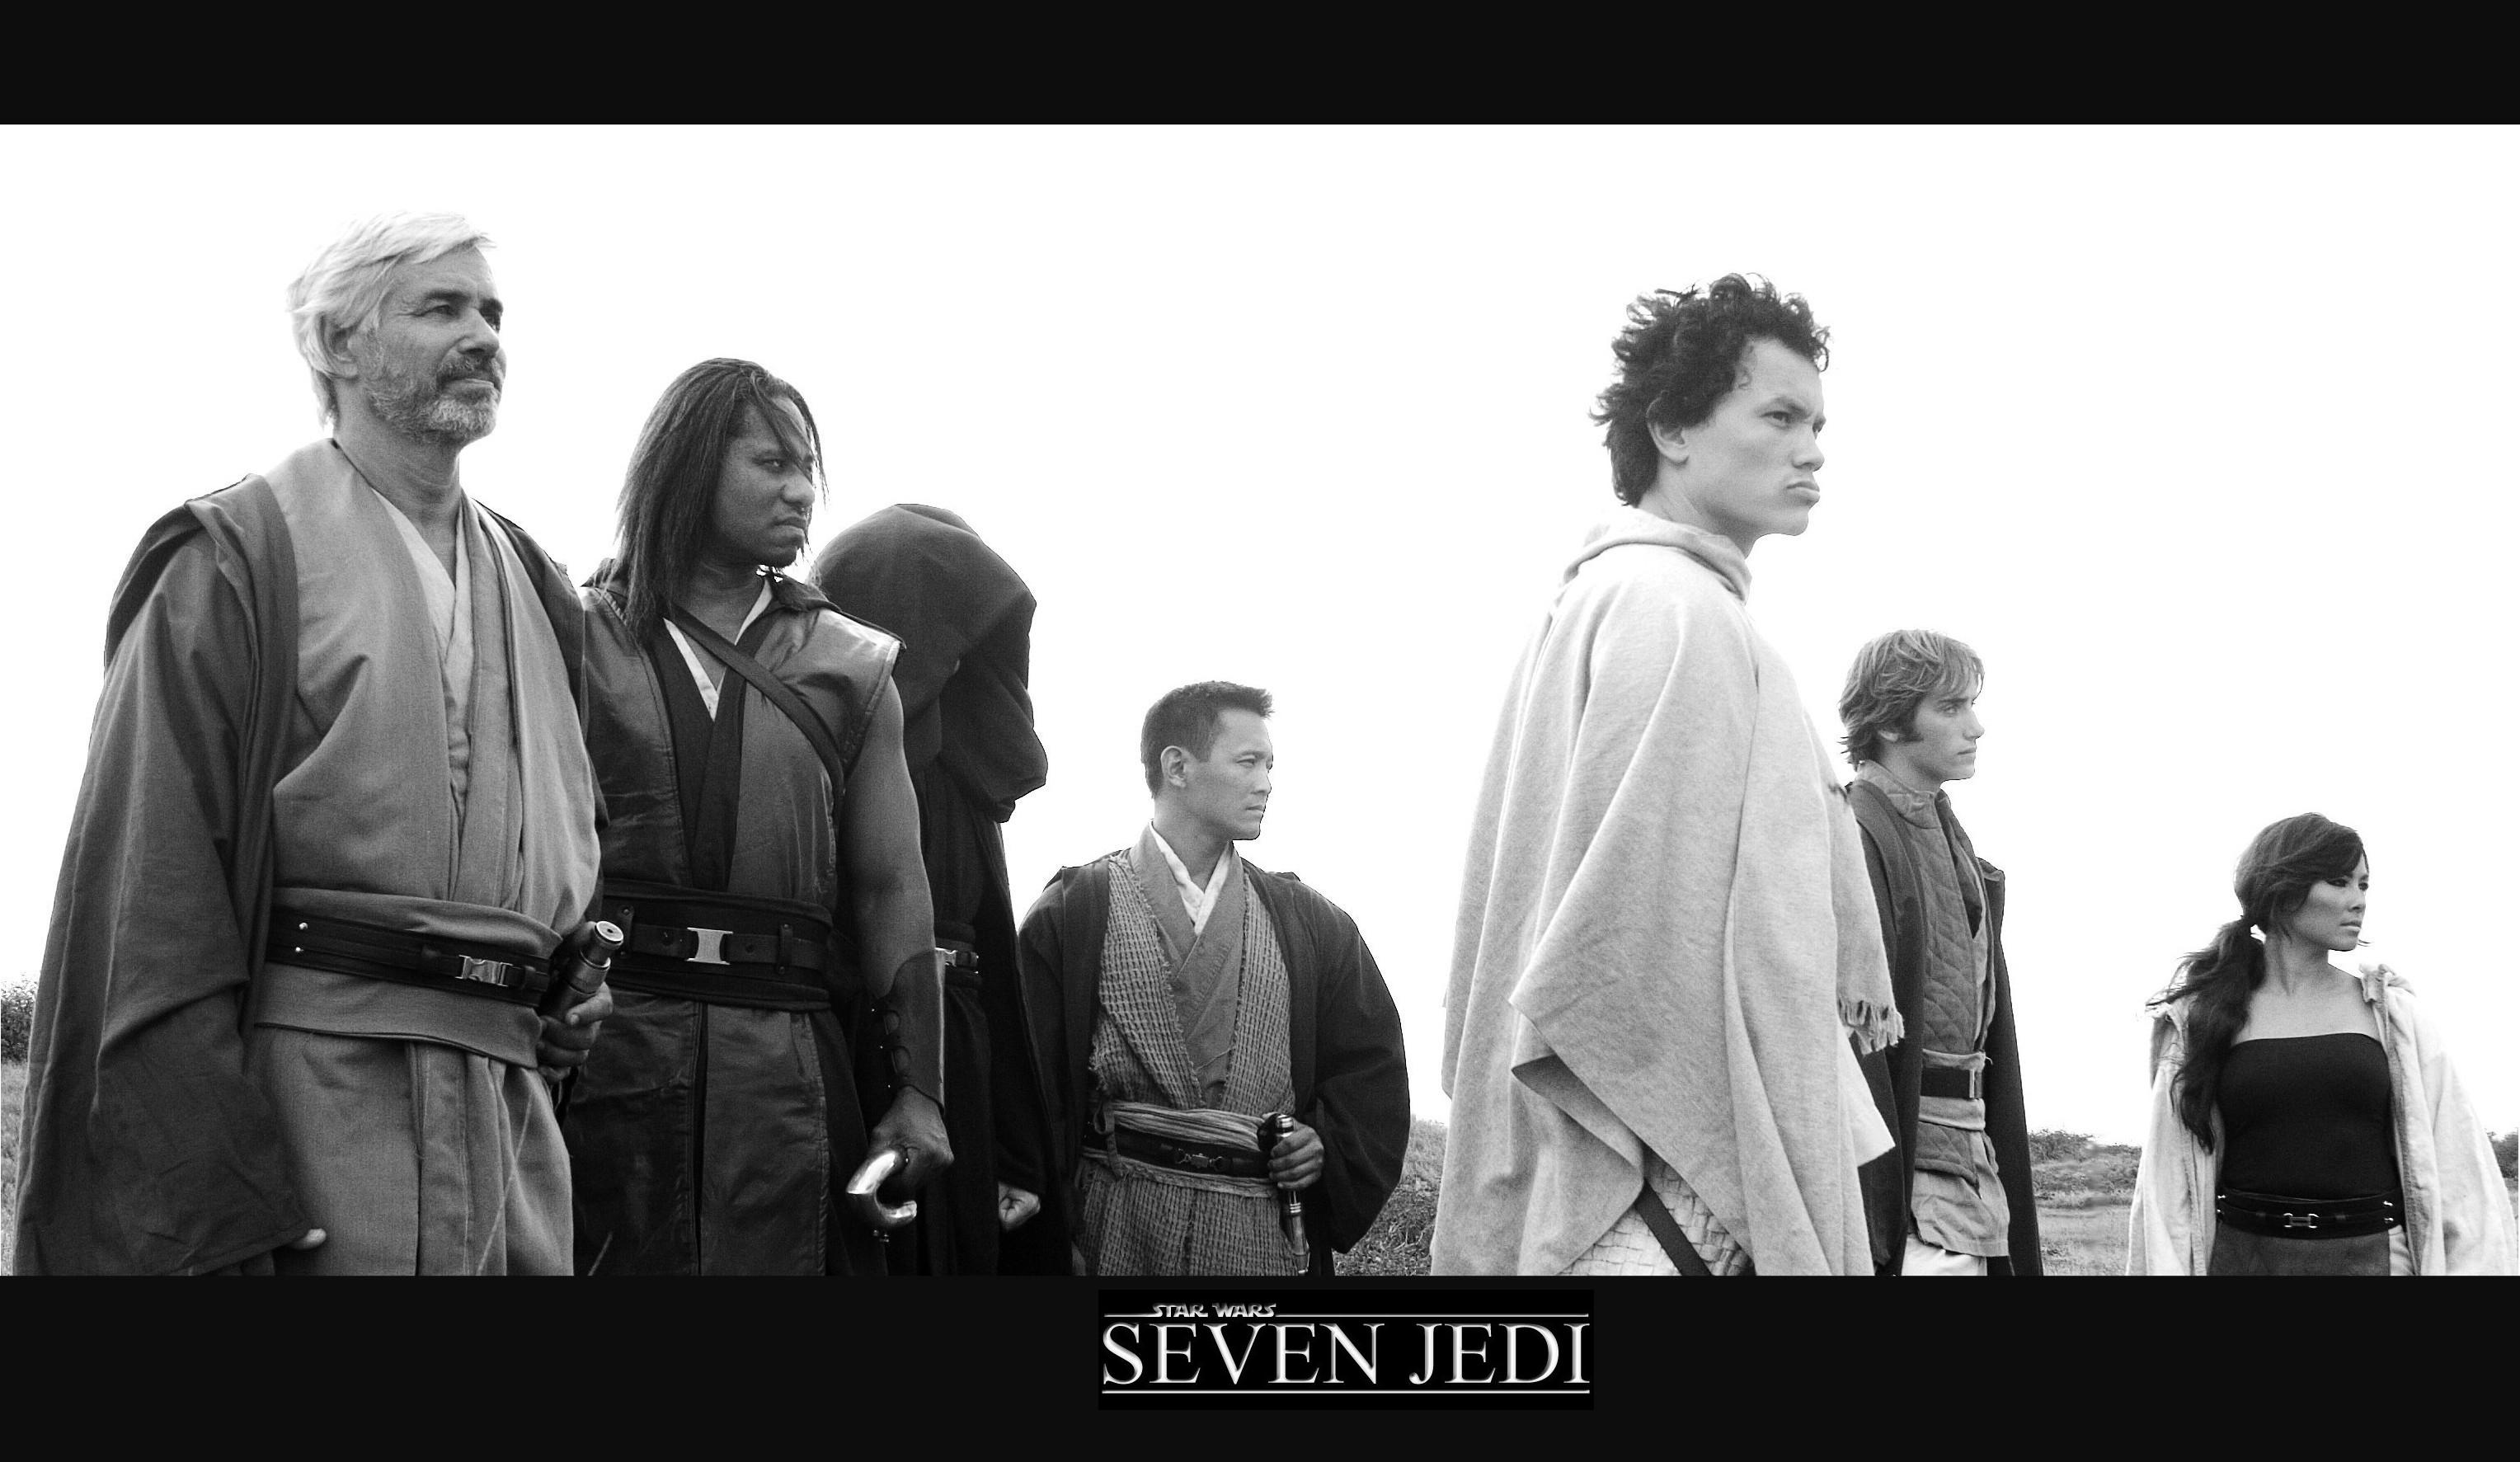 Seven Jedi Poster 1 by hapajedi